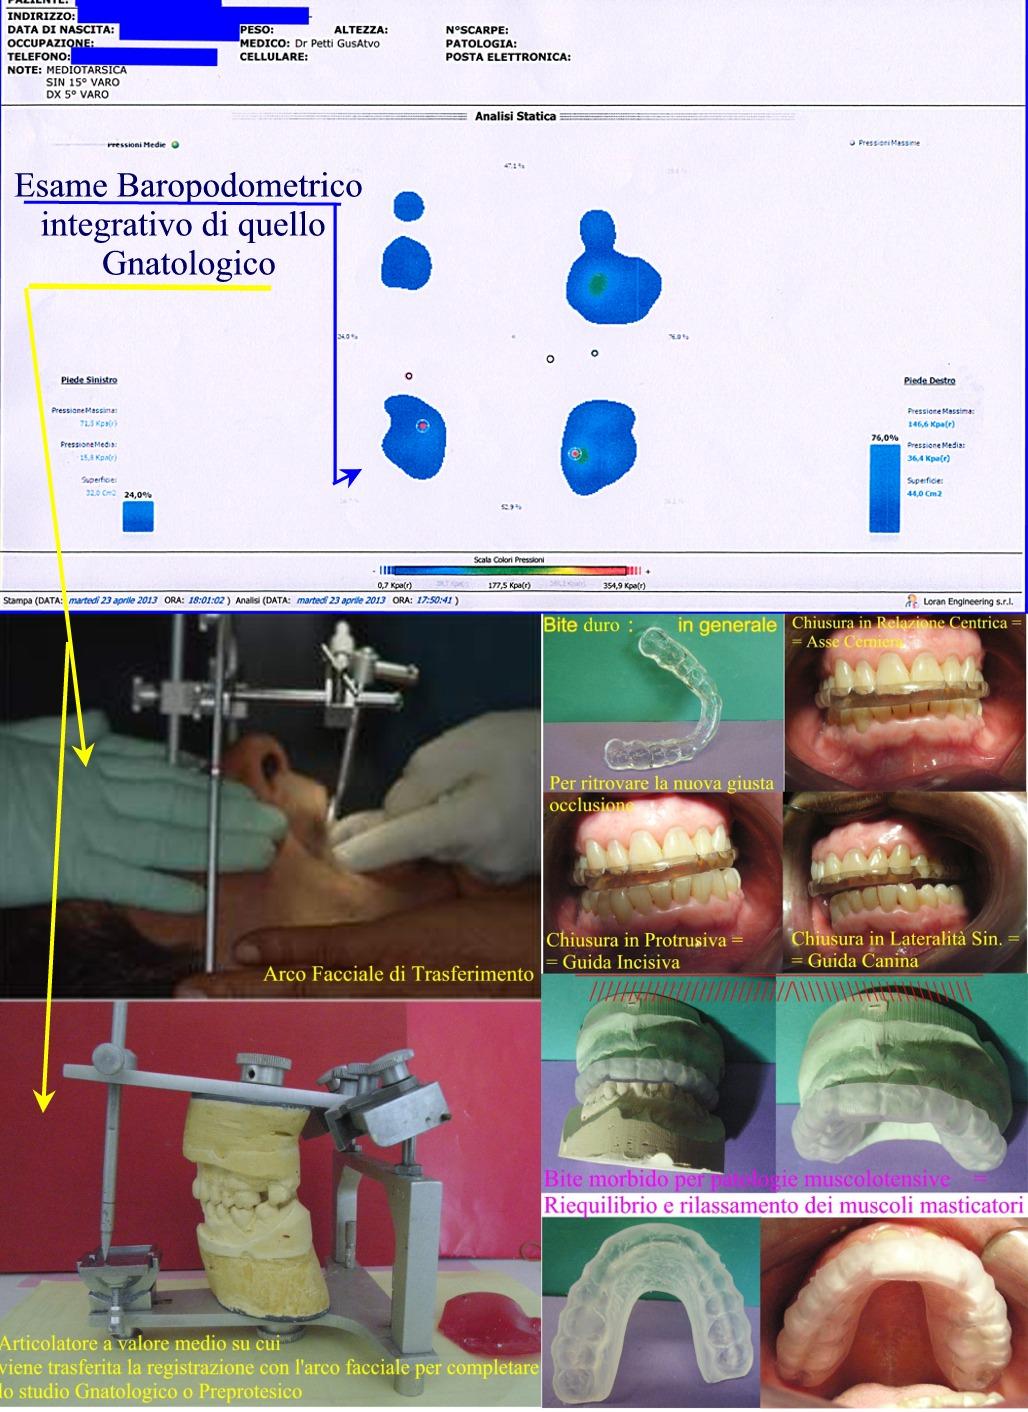 Analisi Gnatologica con Stabilometria Computerizzata, Arco Facciale di Trasferimento e vari Tipi di Bite. Da Dr. Gustavo Petti Parodontologo Gnatologo Riabilitatore Orale Completo in Casi Clinici Complessi, di Cagliari